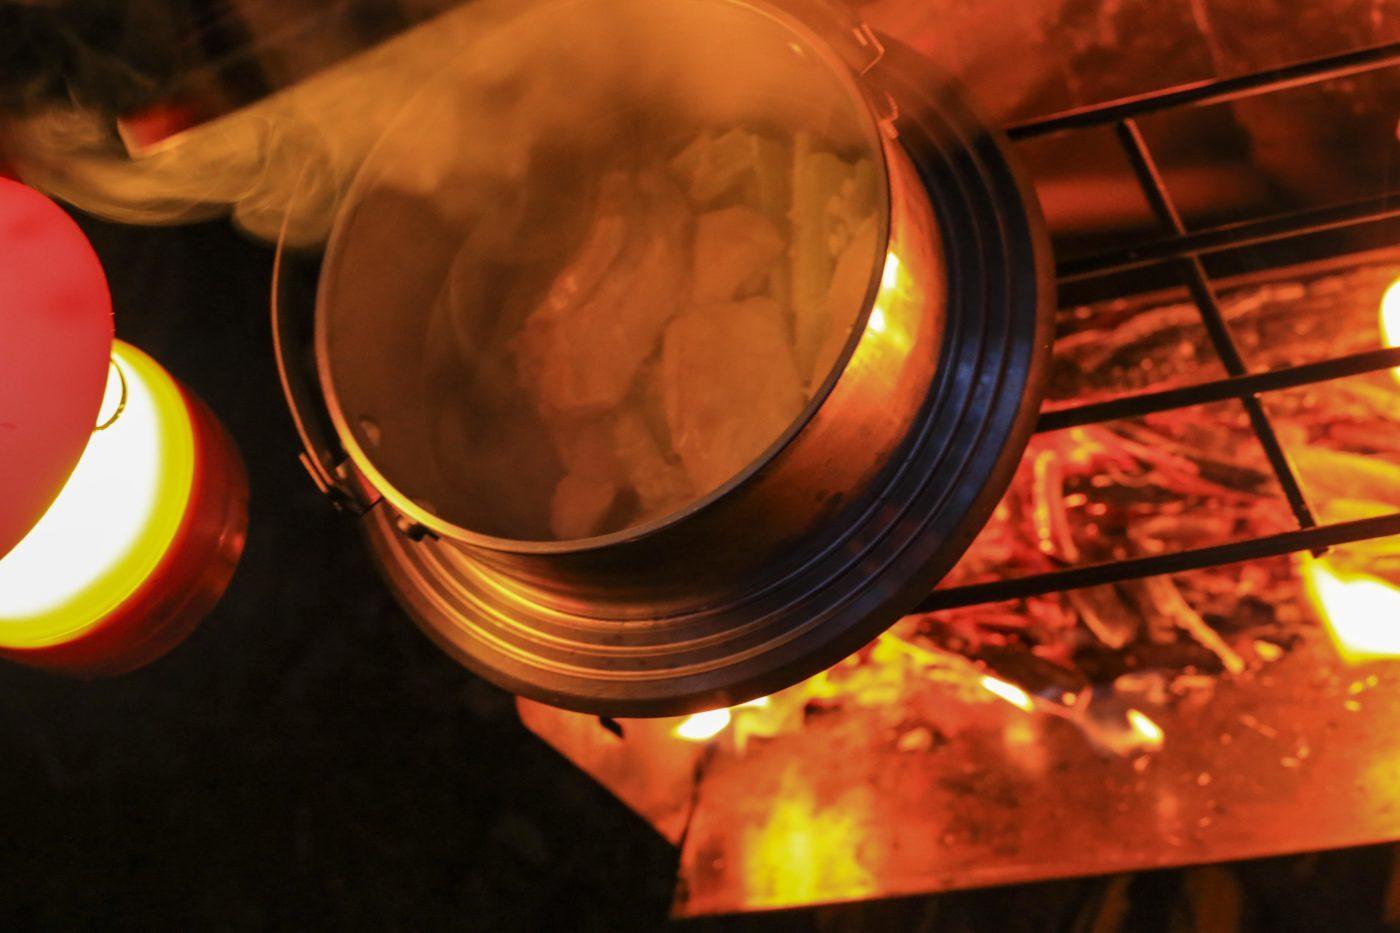 キャンプの炊飯で弱火キープを忘れると、一気に水分が蒸発してしまって、米に芯が残りやすい